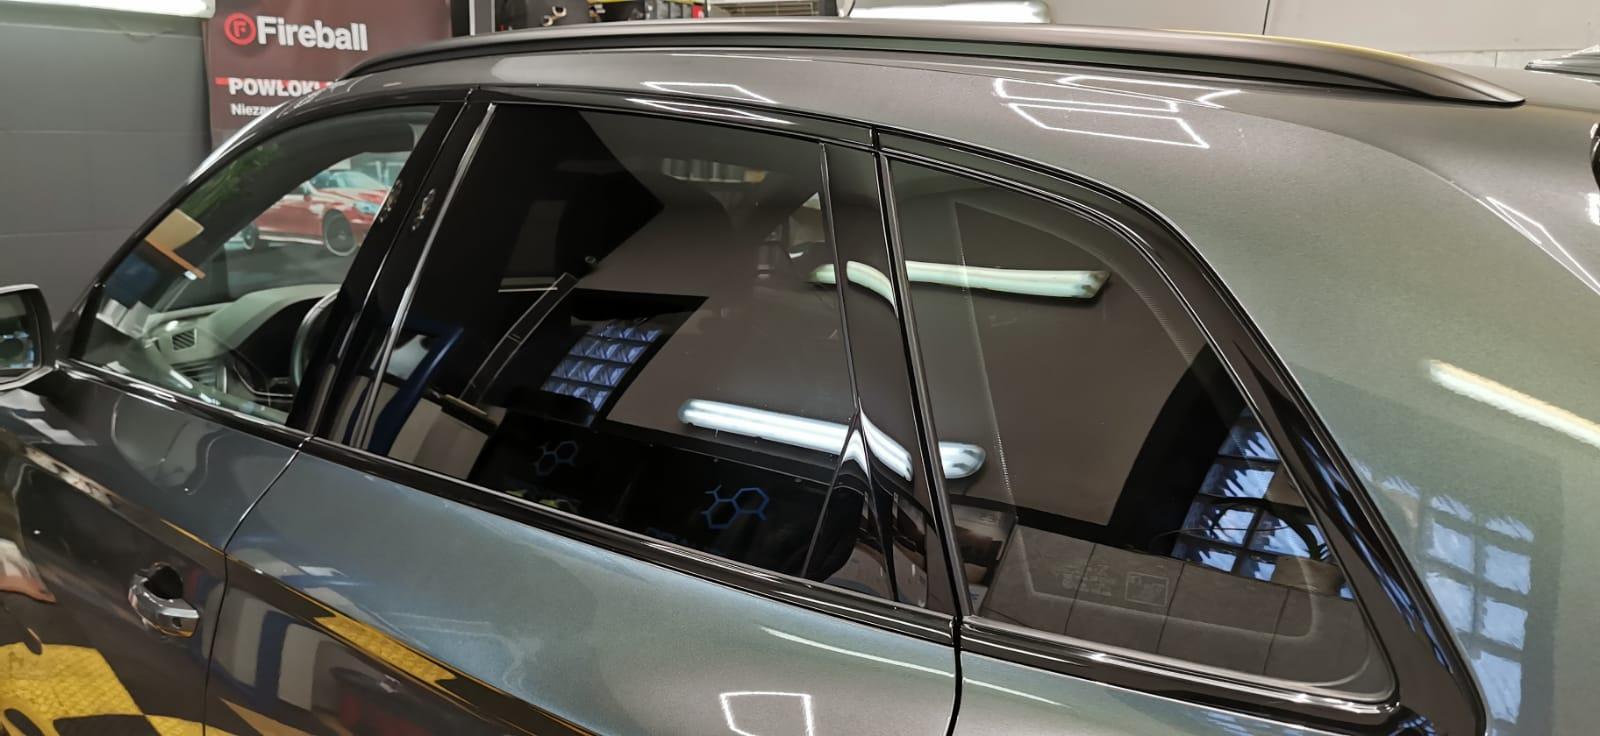 Przyciemnianie szyb w samochodzie